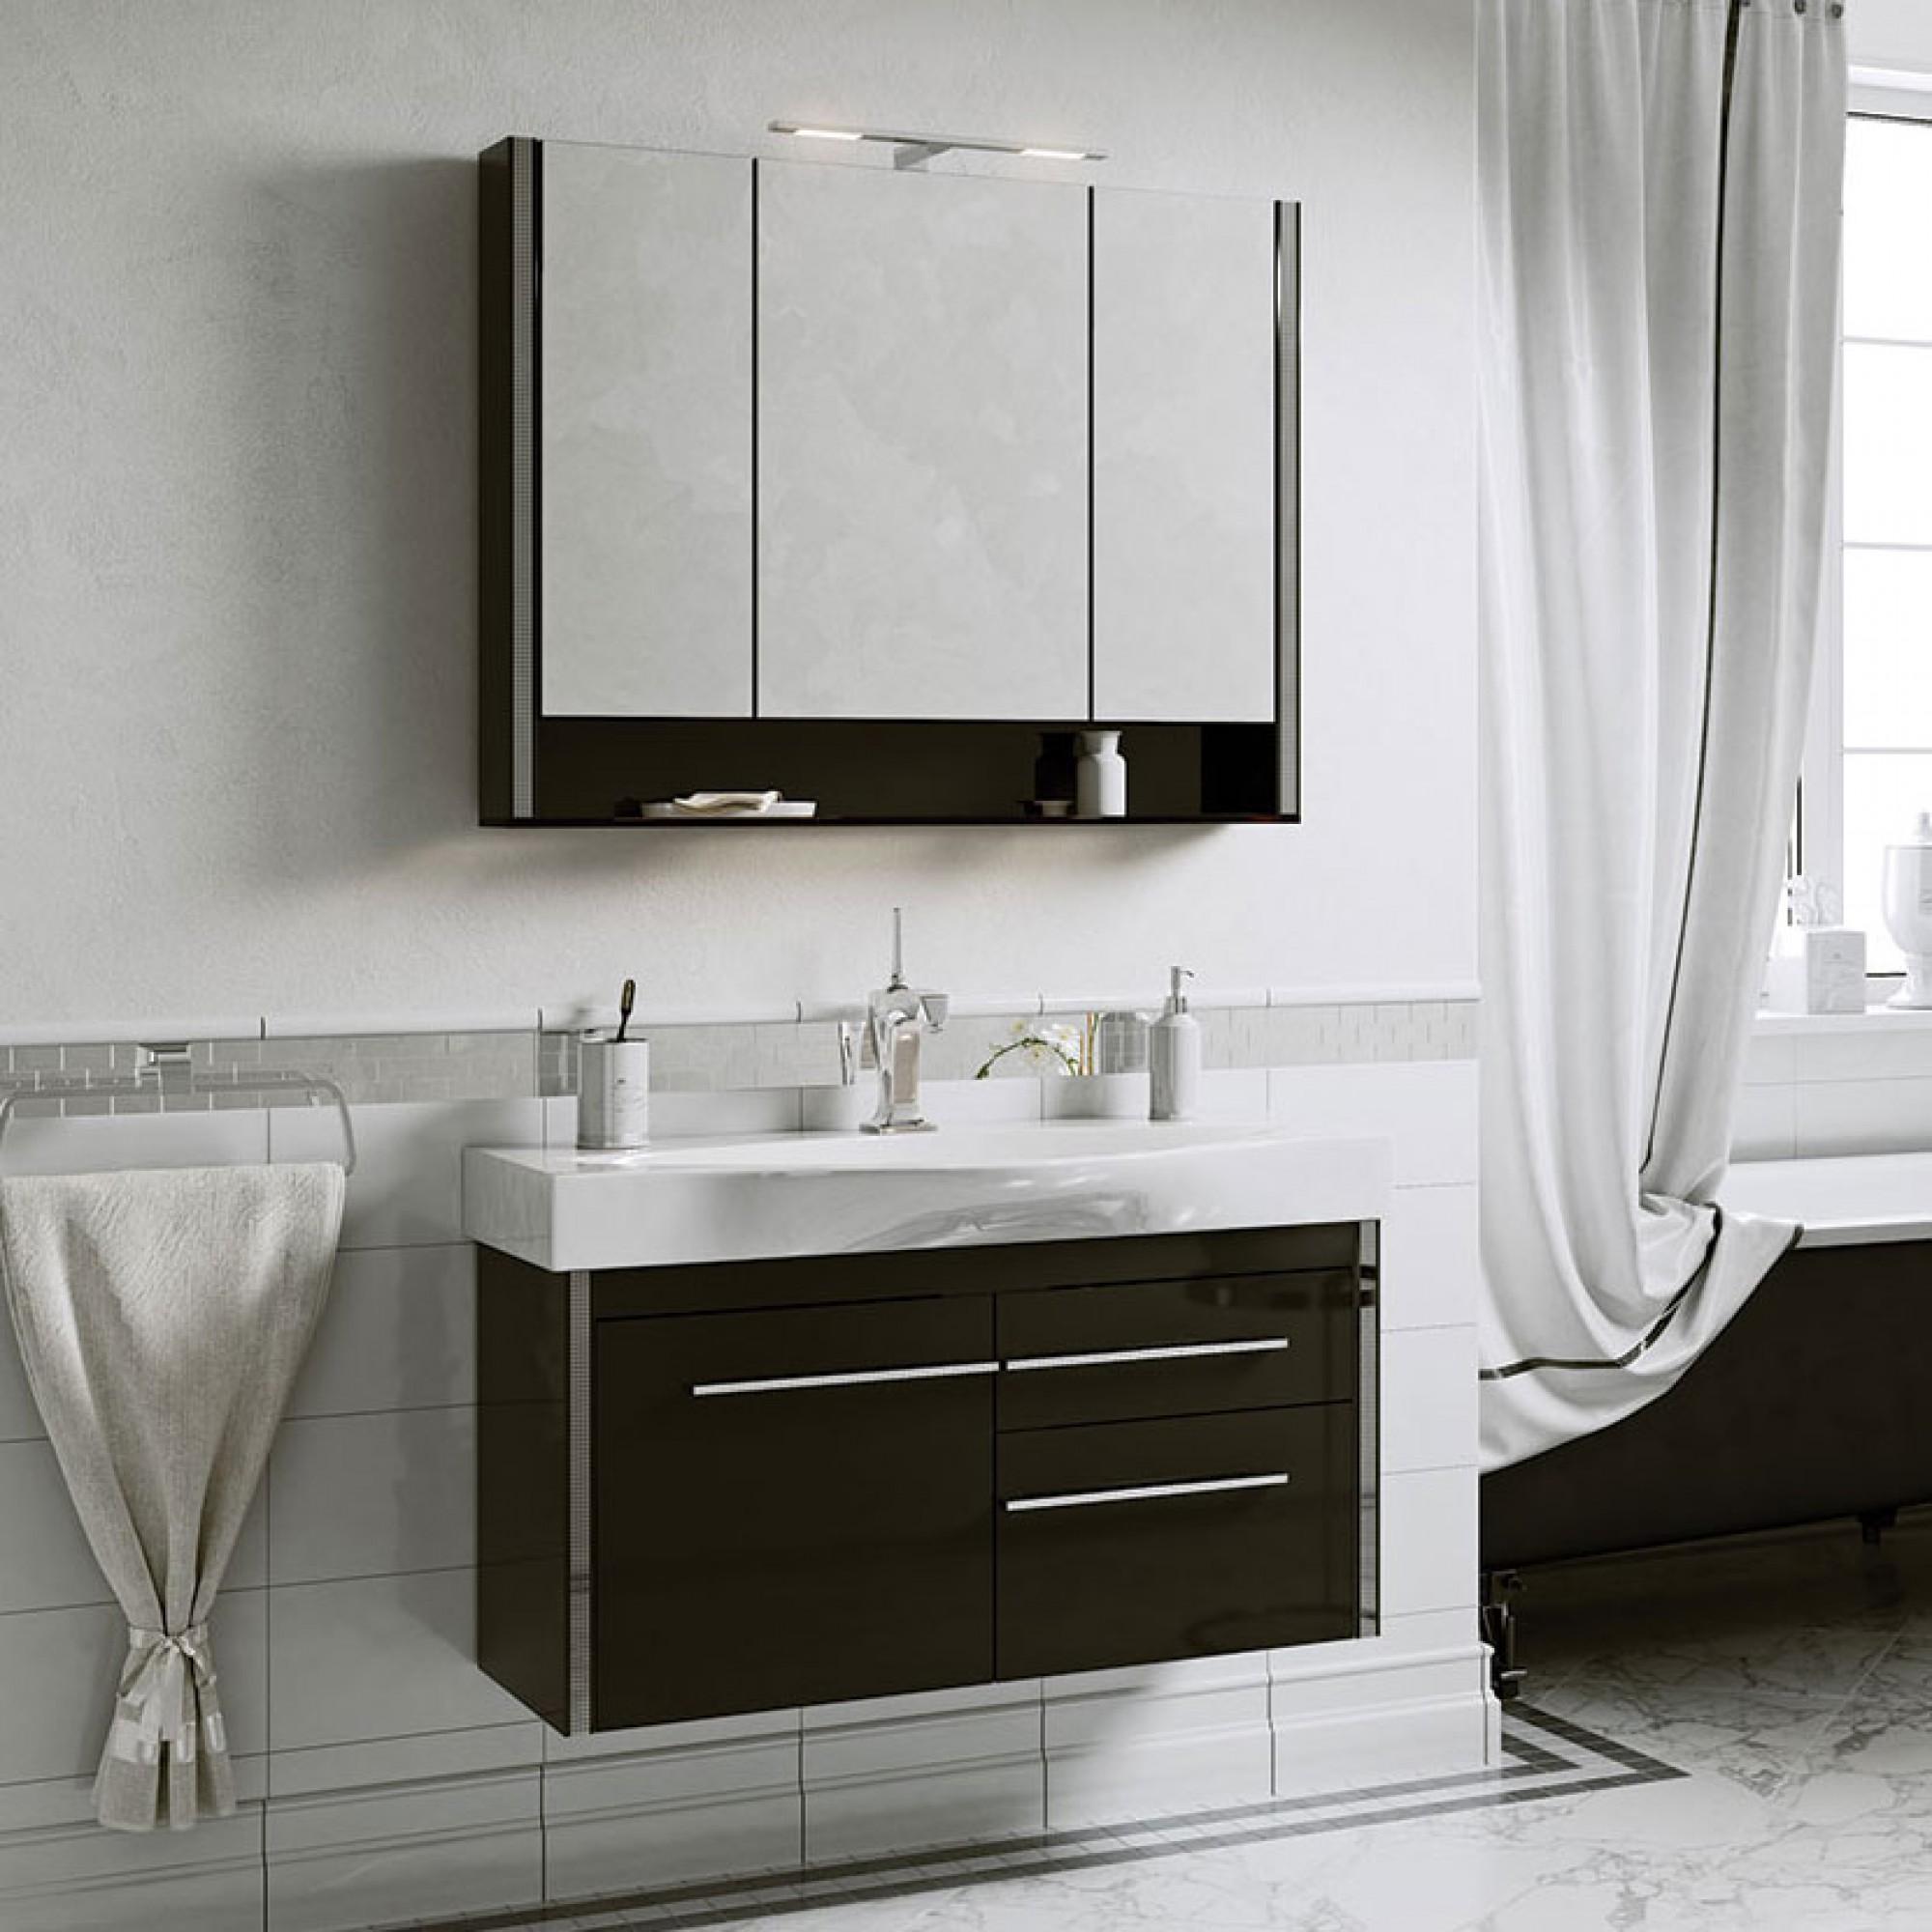 Гарнитур Layra 100 (шкаф зеркальный, тумба с раковиной) черный фантом